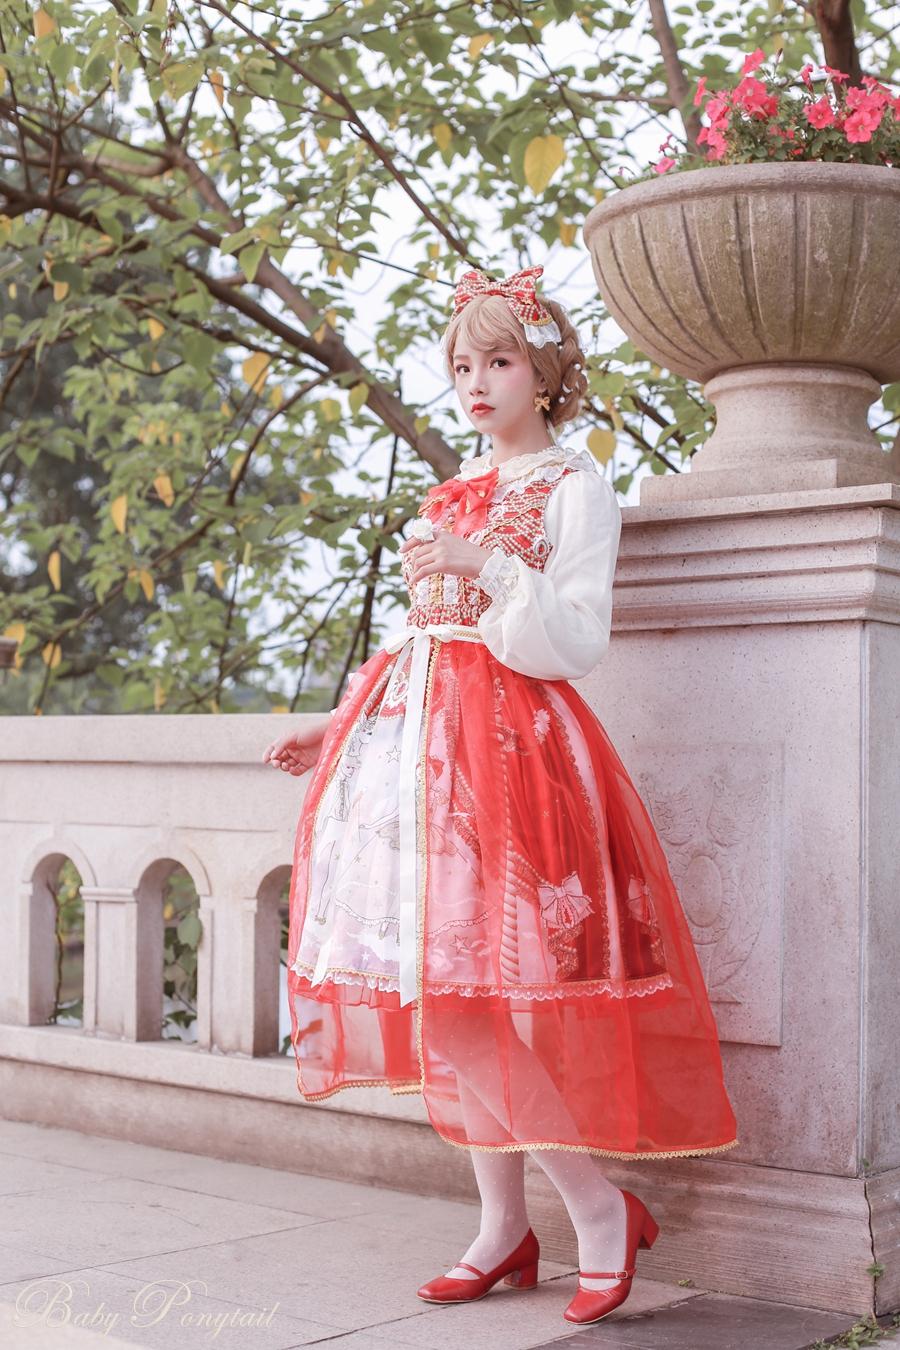 Baby Ponytail Masquerade Ballet Red JSK_谢安然_01.jpg